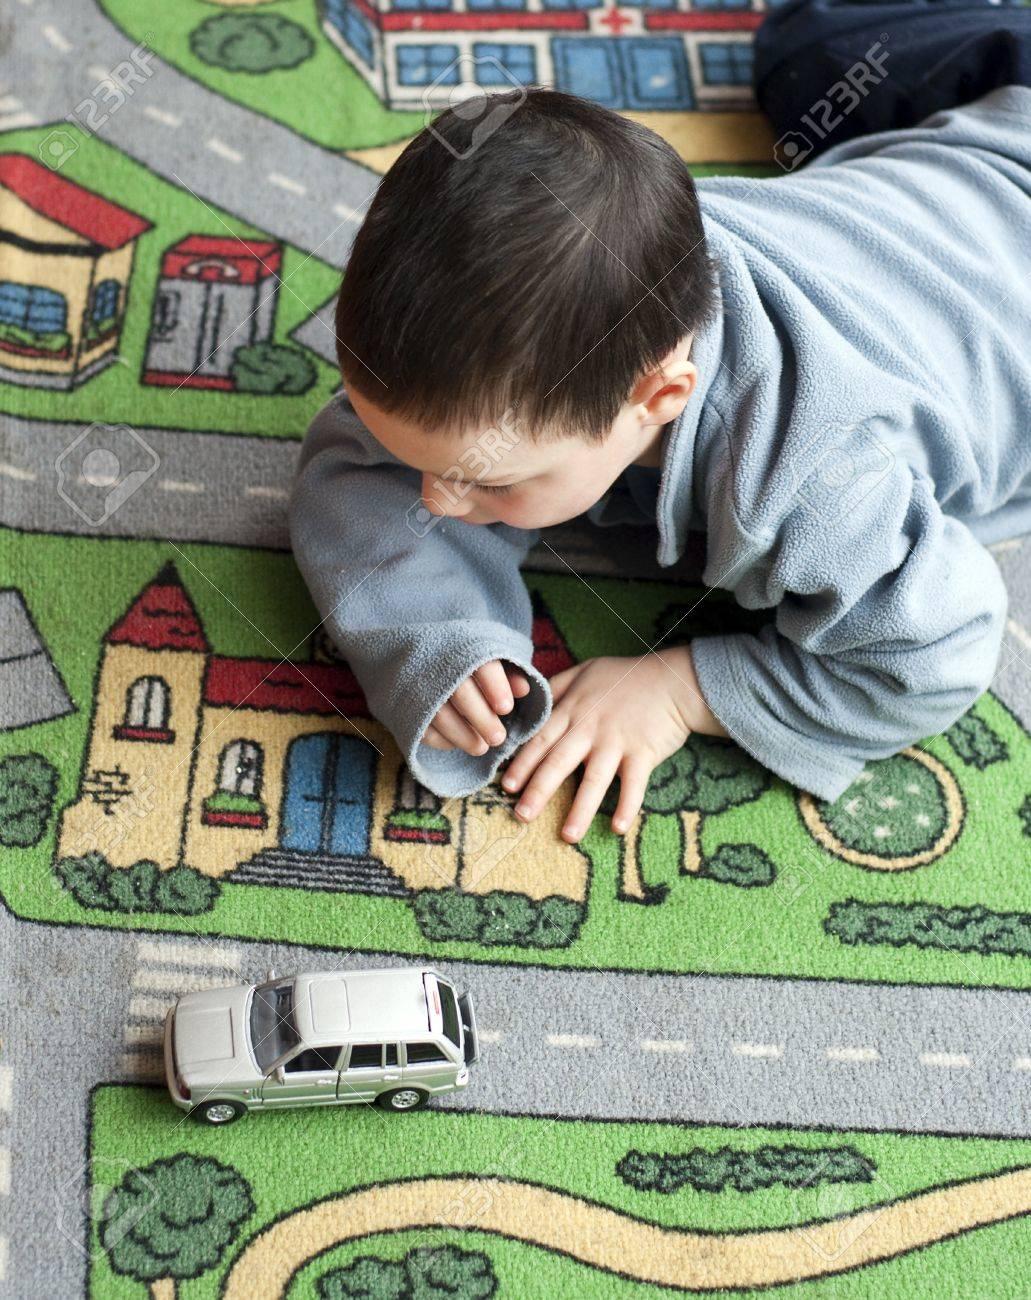 petit garcon d enfant jouant sur un tapis sur le theme de la route avec une voiture jouet